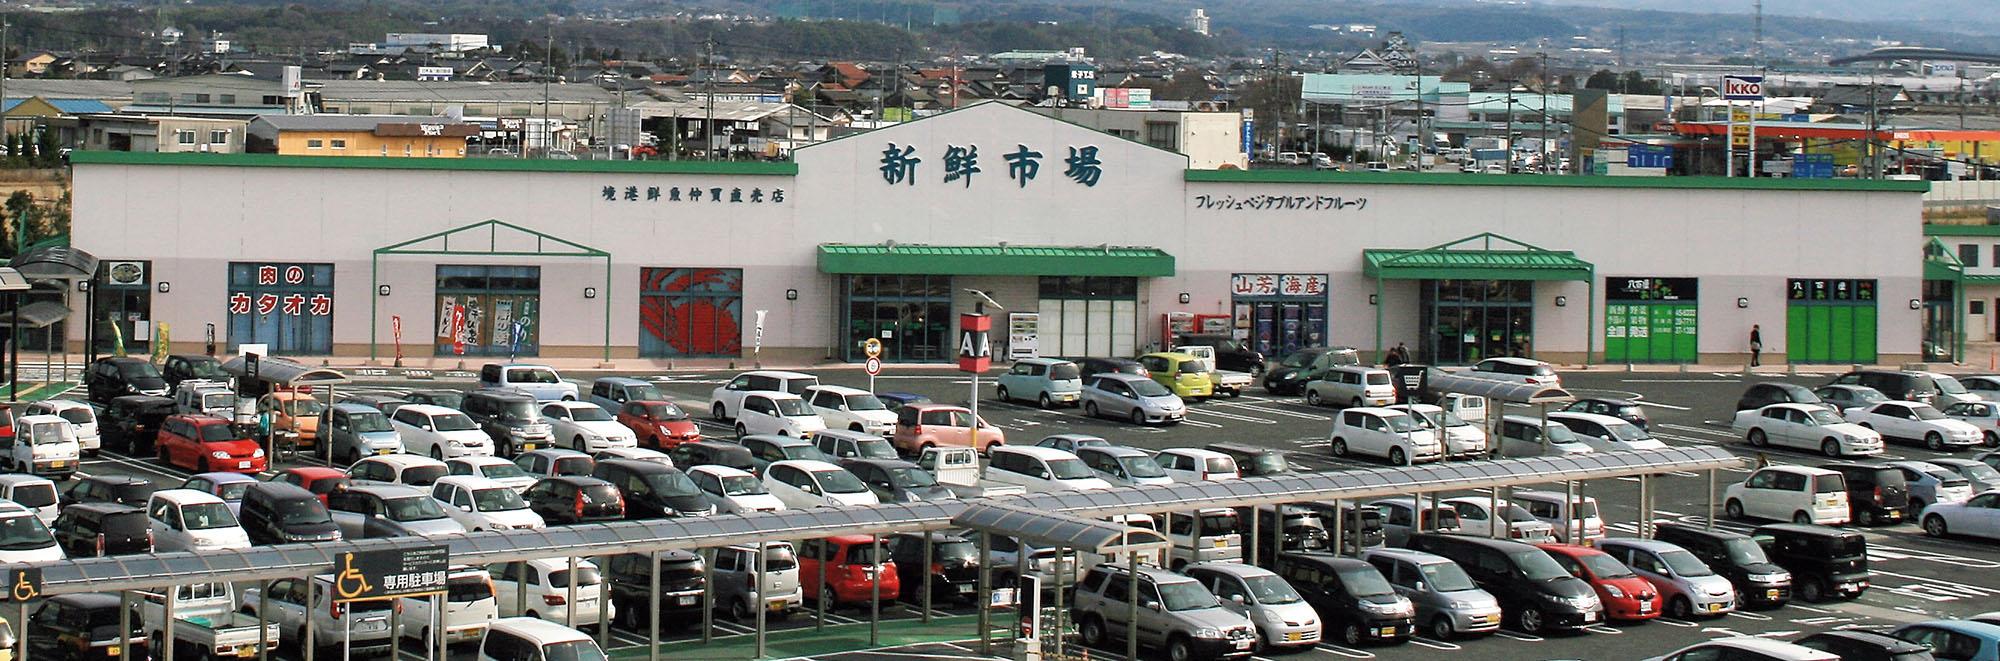 ひえづ物産館 新鮮市場